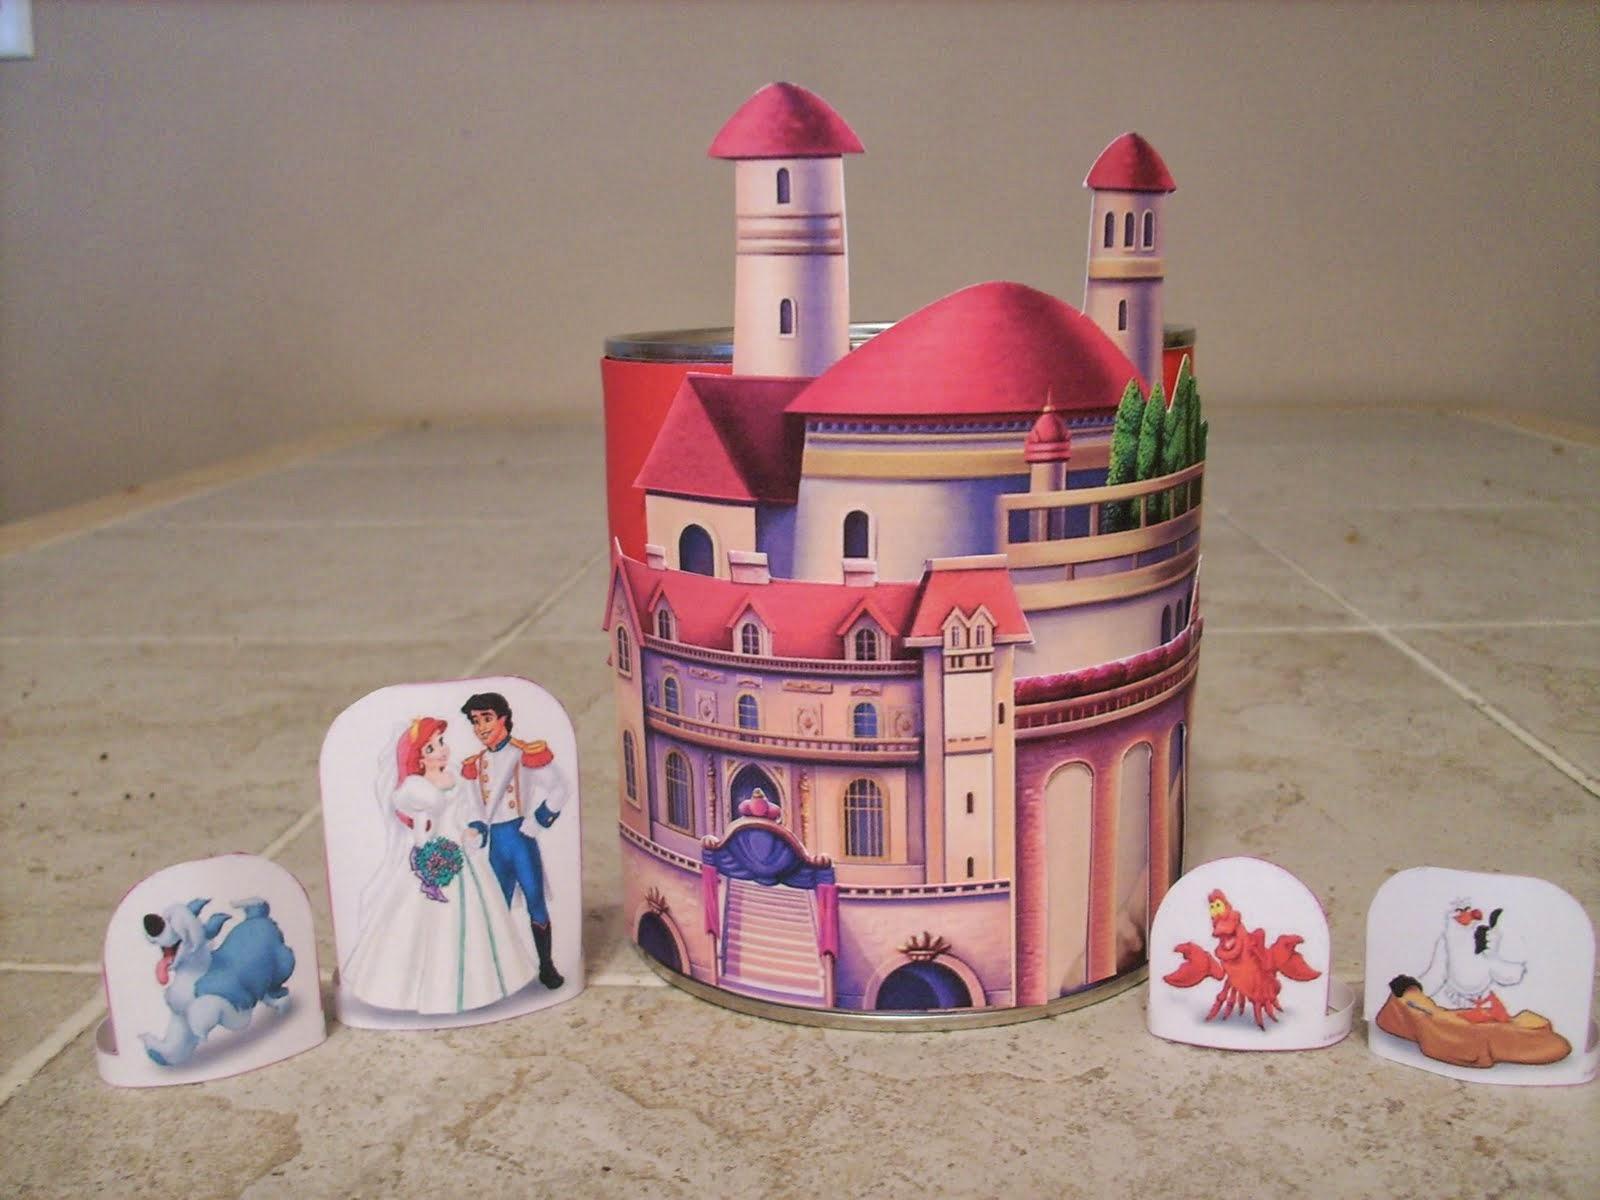 Bonito Castillo de Ariel para Imprimir Gratis.